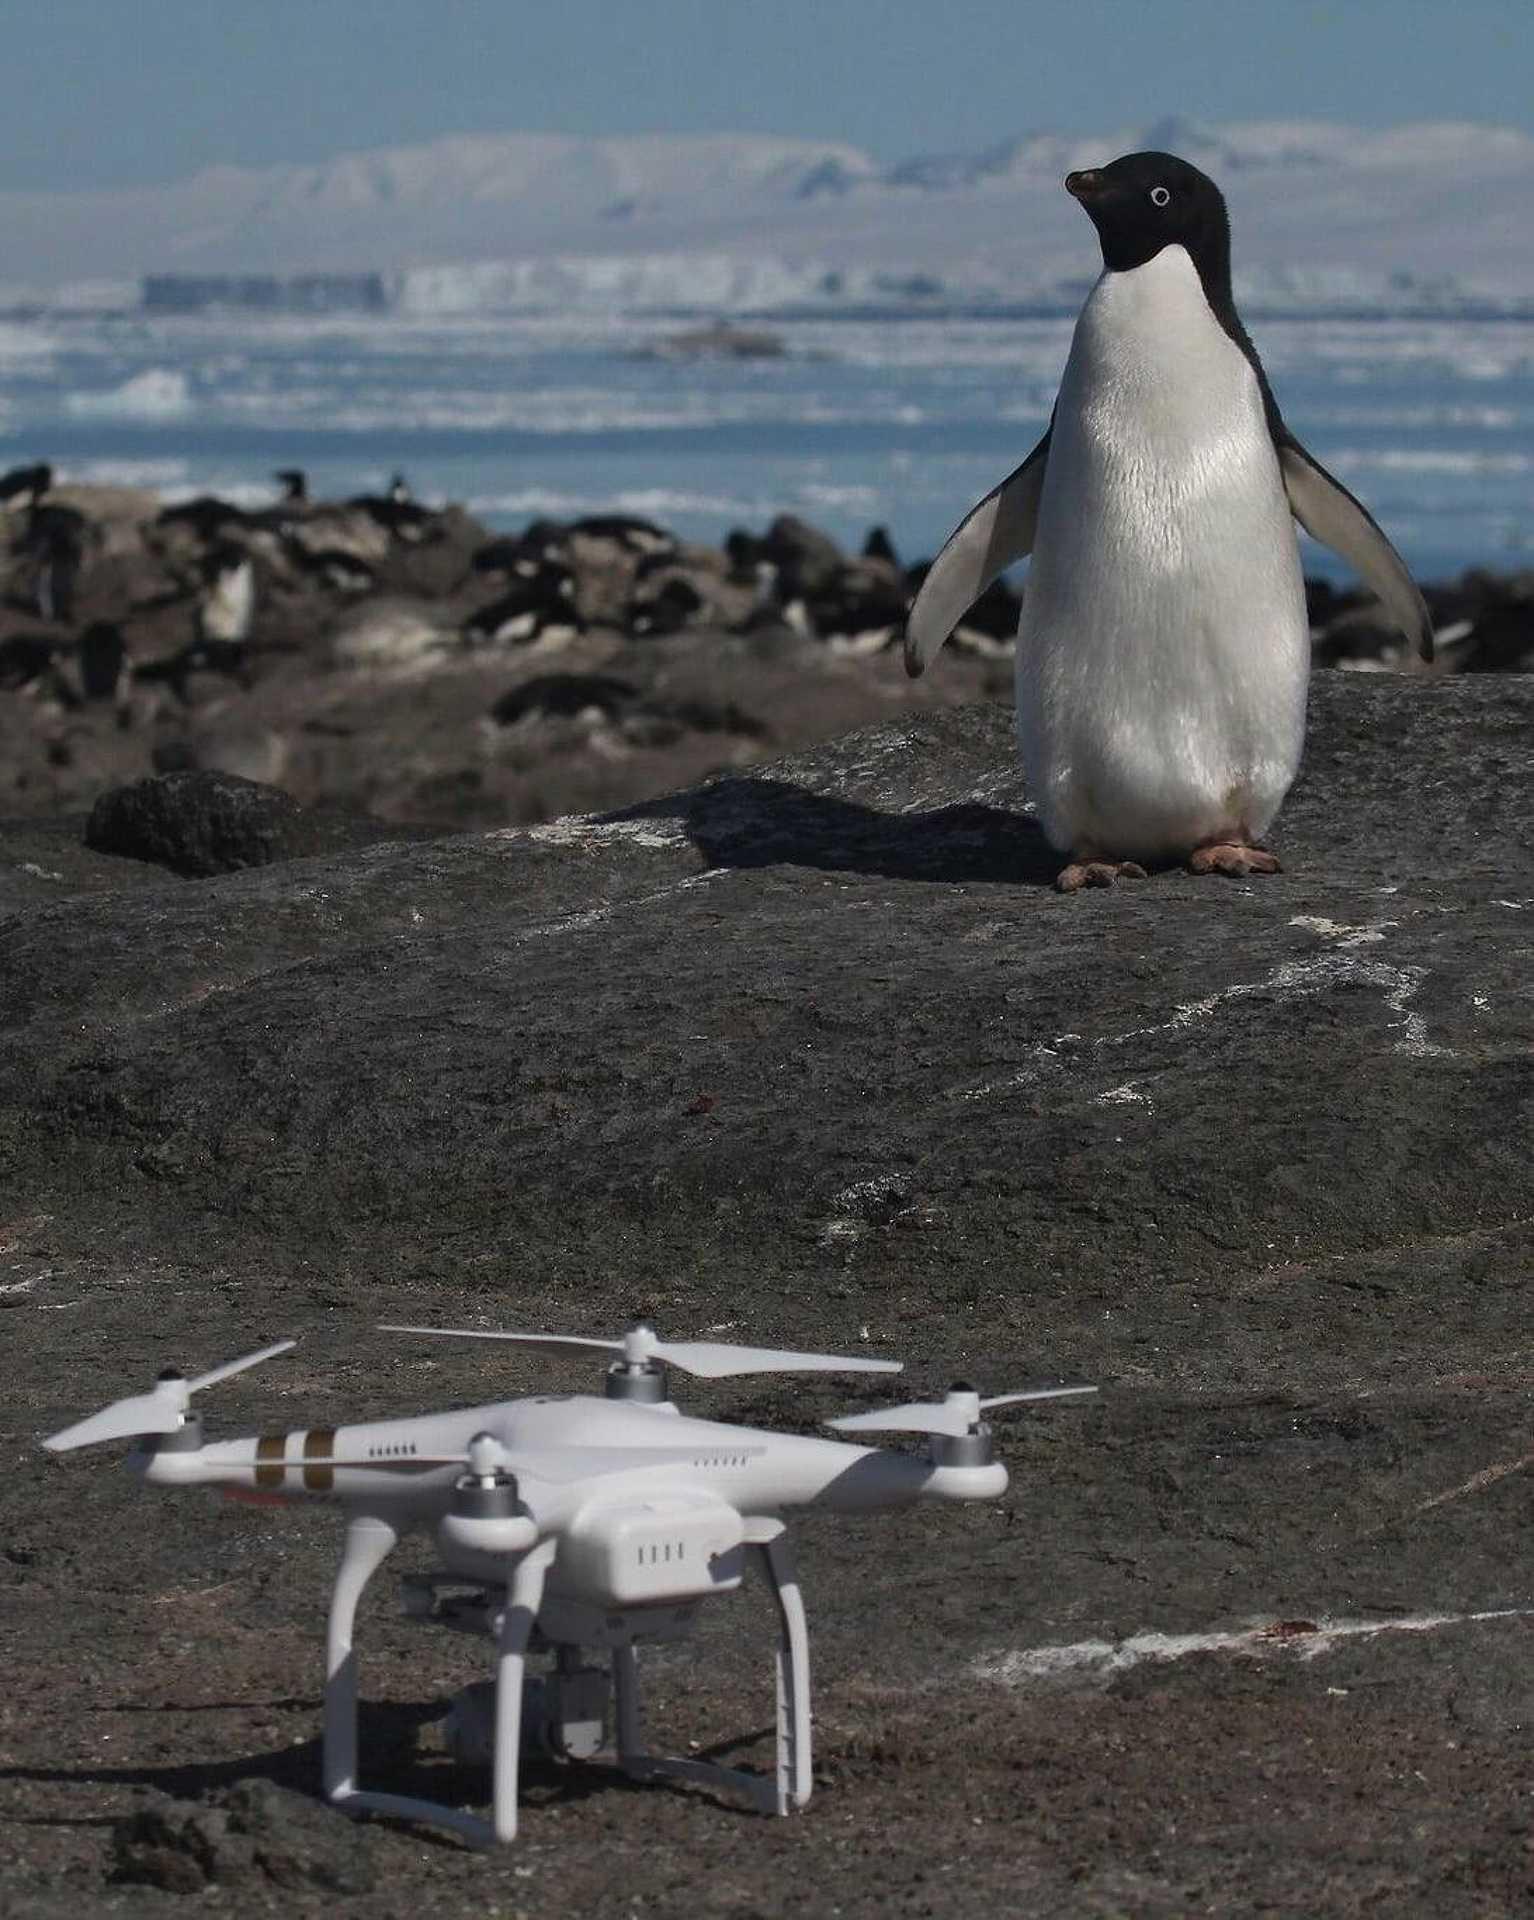 A nemrég felfedezett, eddig ismeretlen óriási pingvinkolónia az Antarktiszon